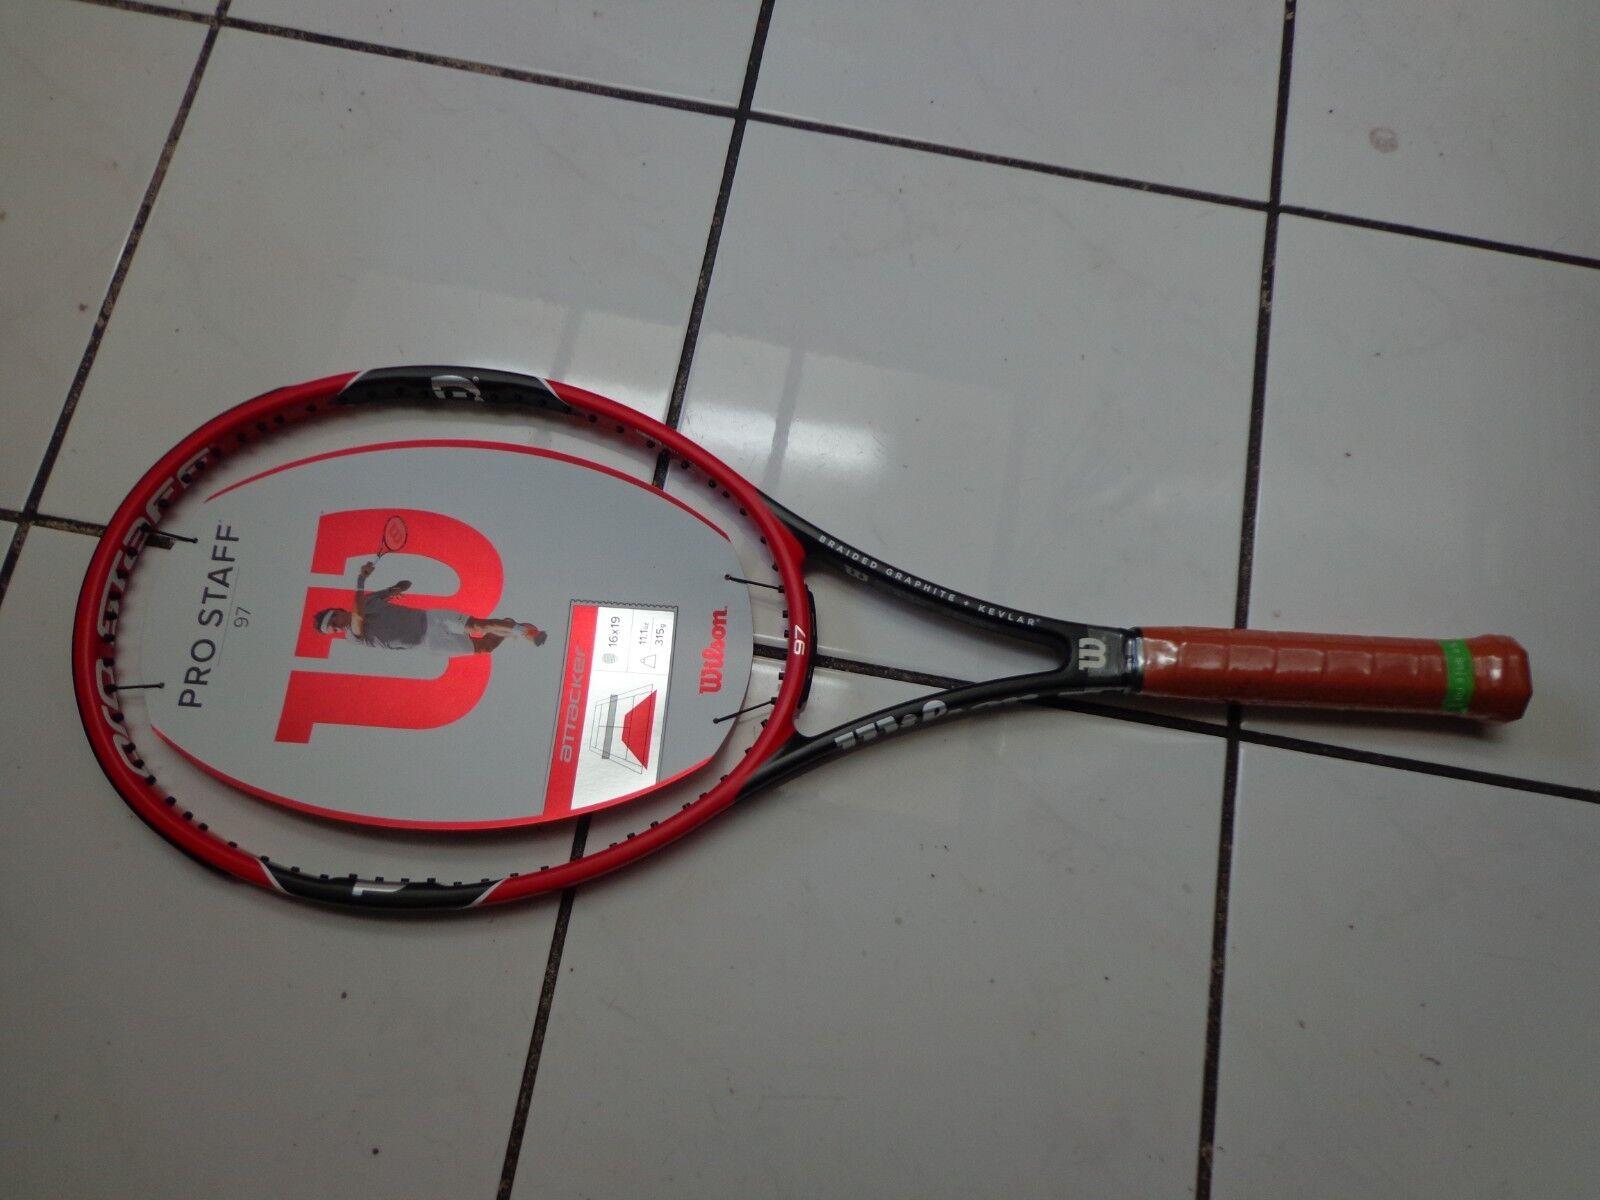 NEW 2014 Wilson Pro Staff 97 head 11.1oz unstrung 4 1 2 grip Tennis Racquet